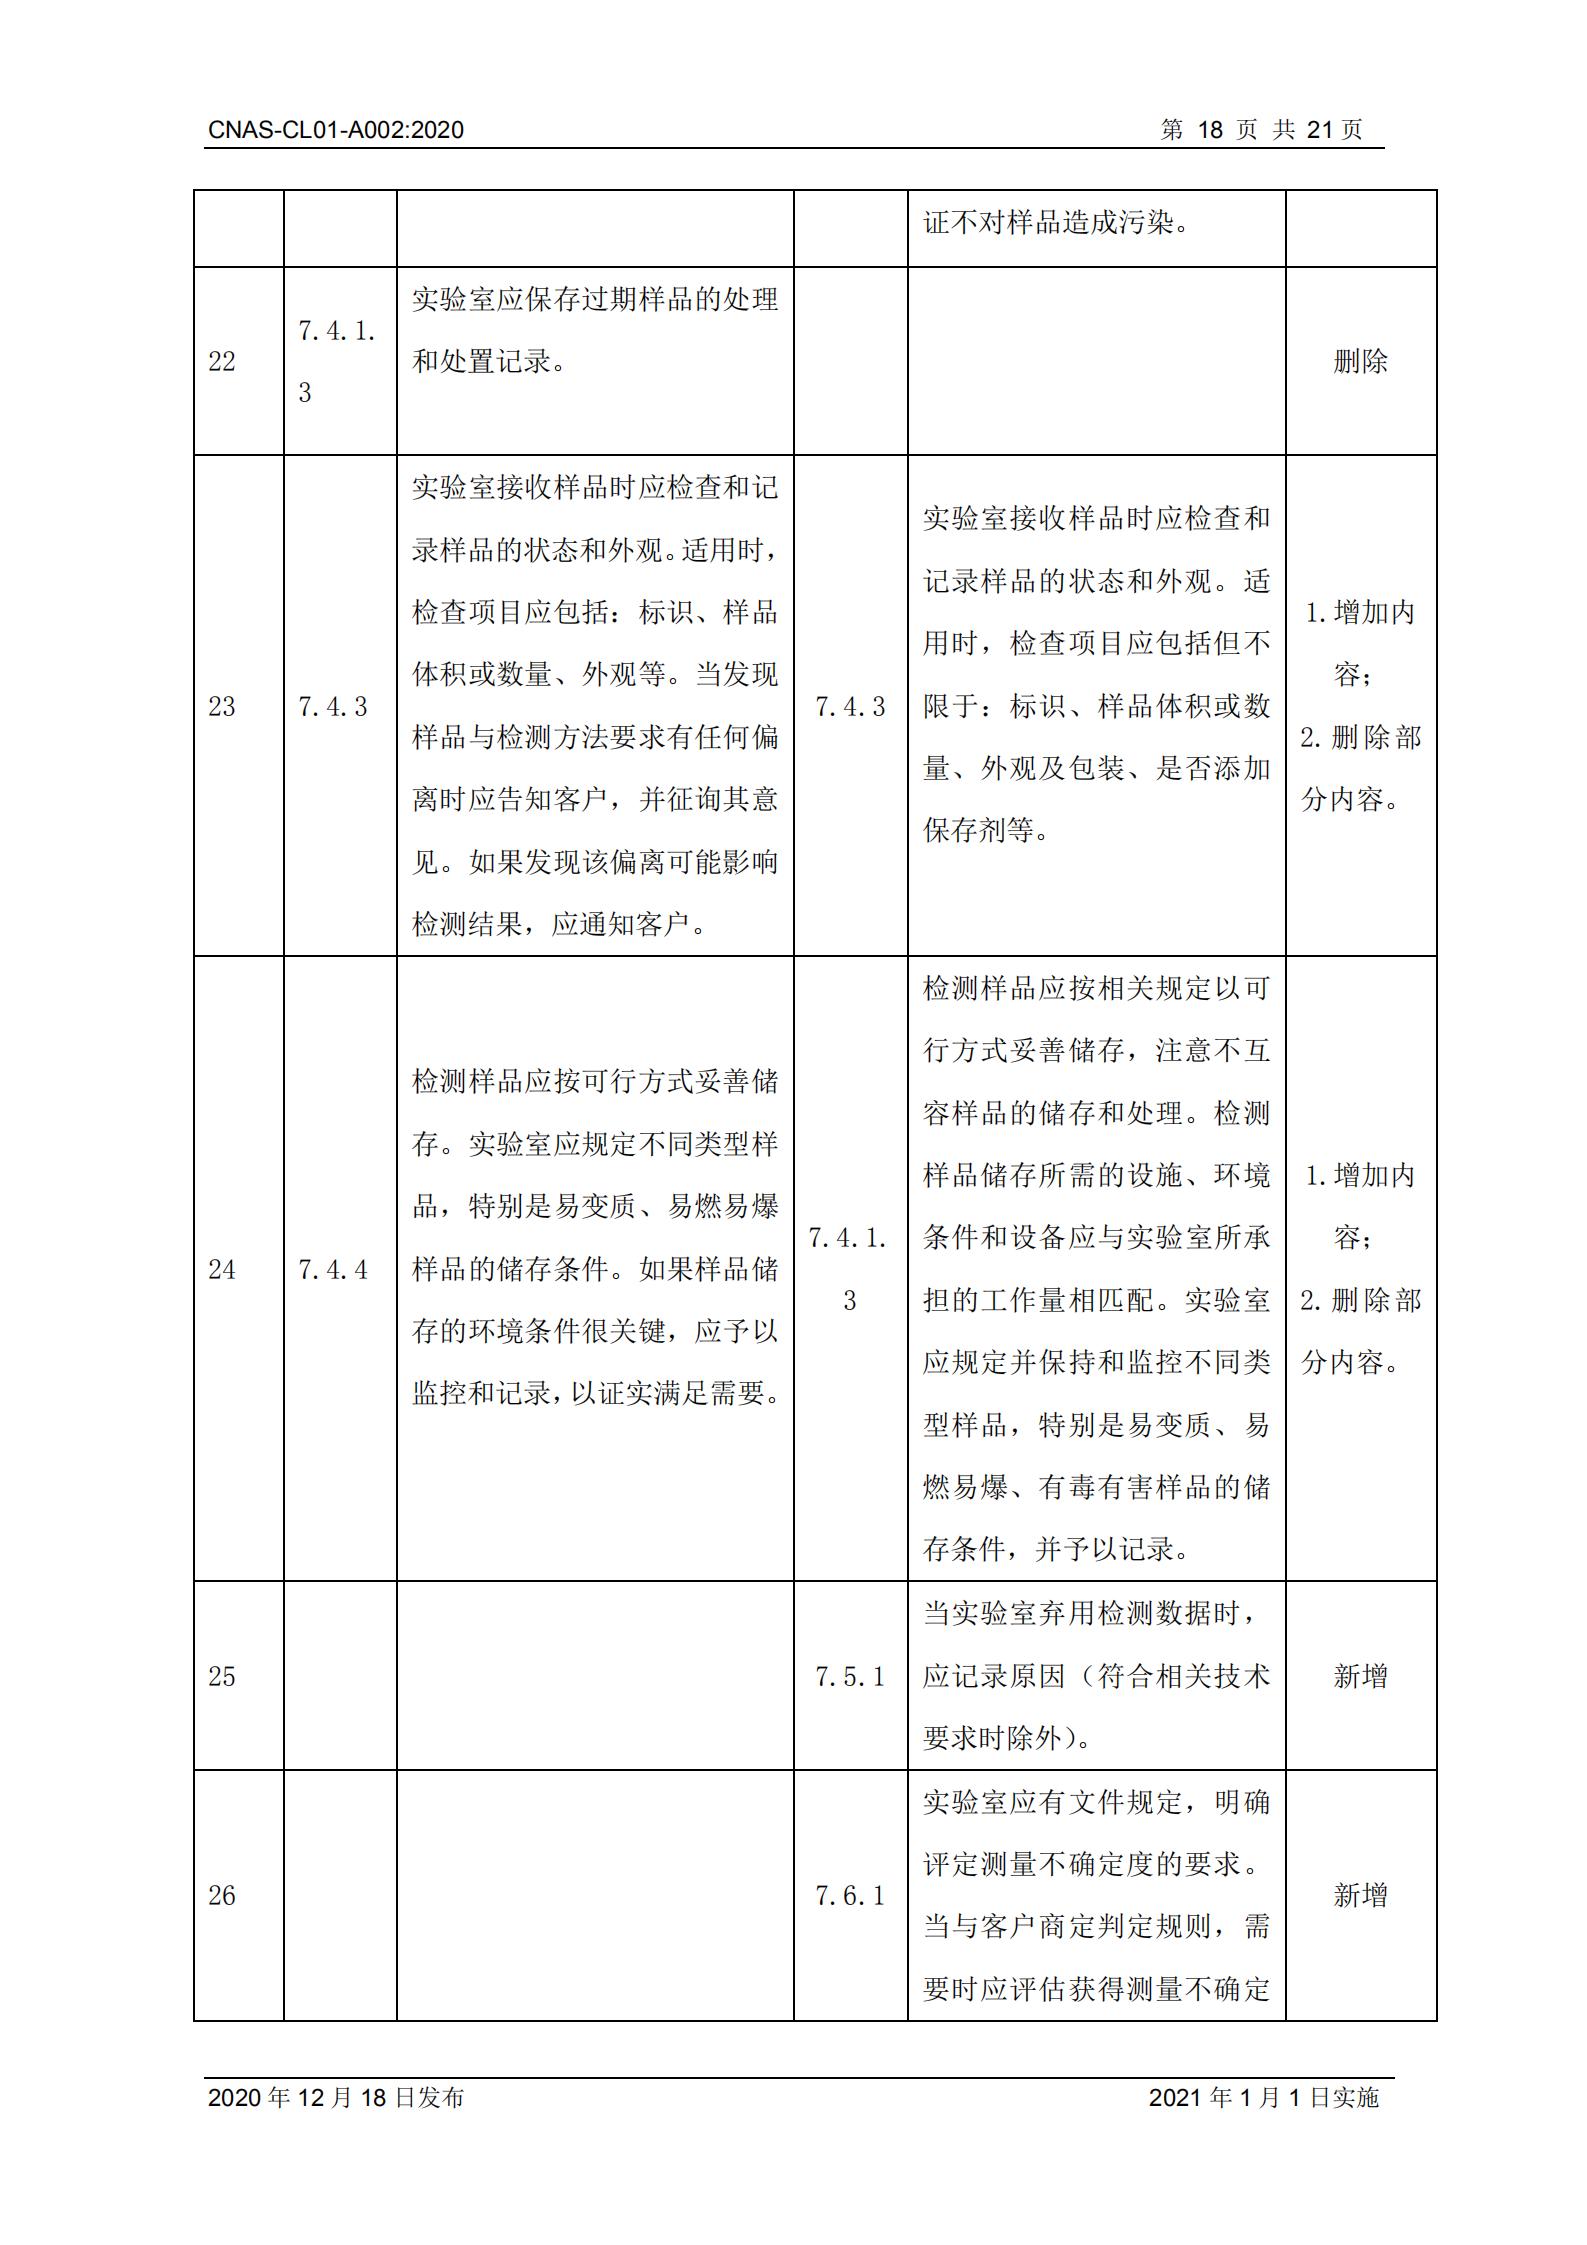 CNAS-CL01-A002_2020_18.png